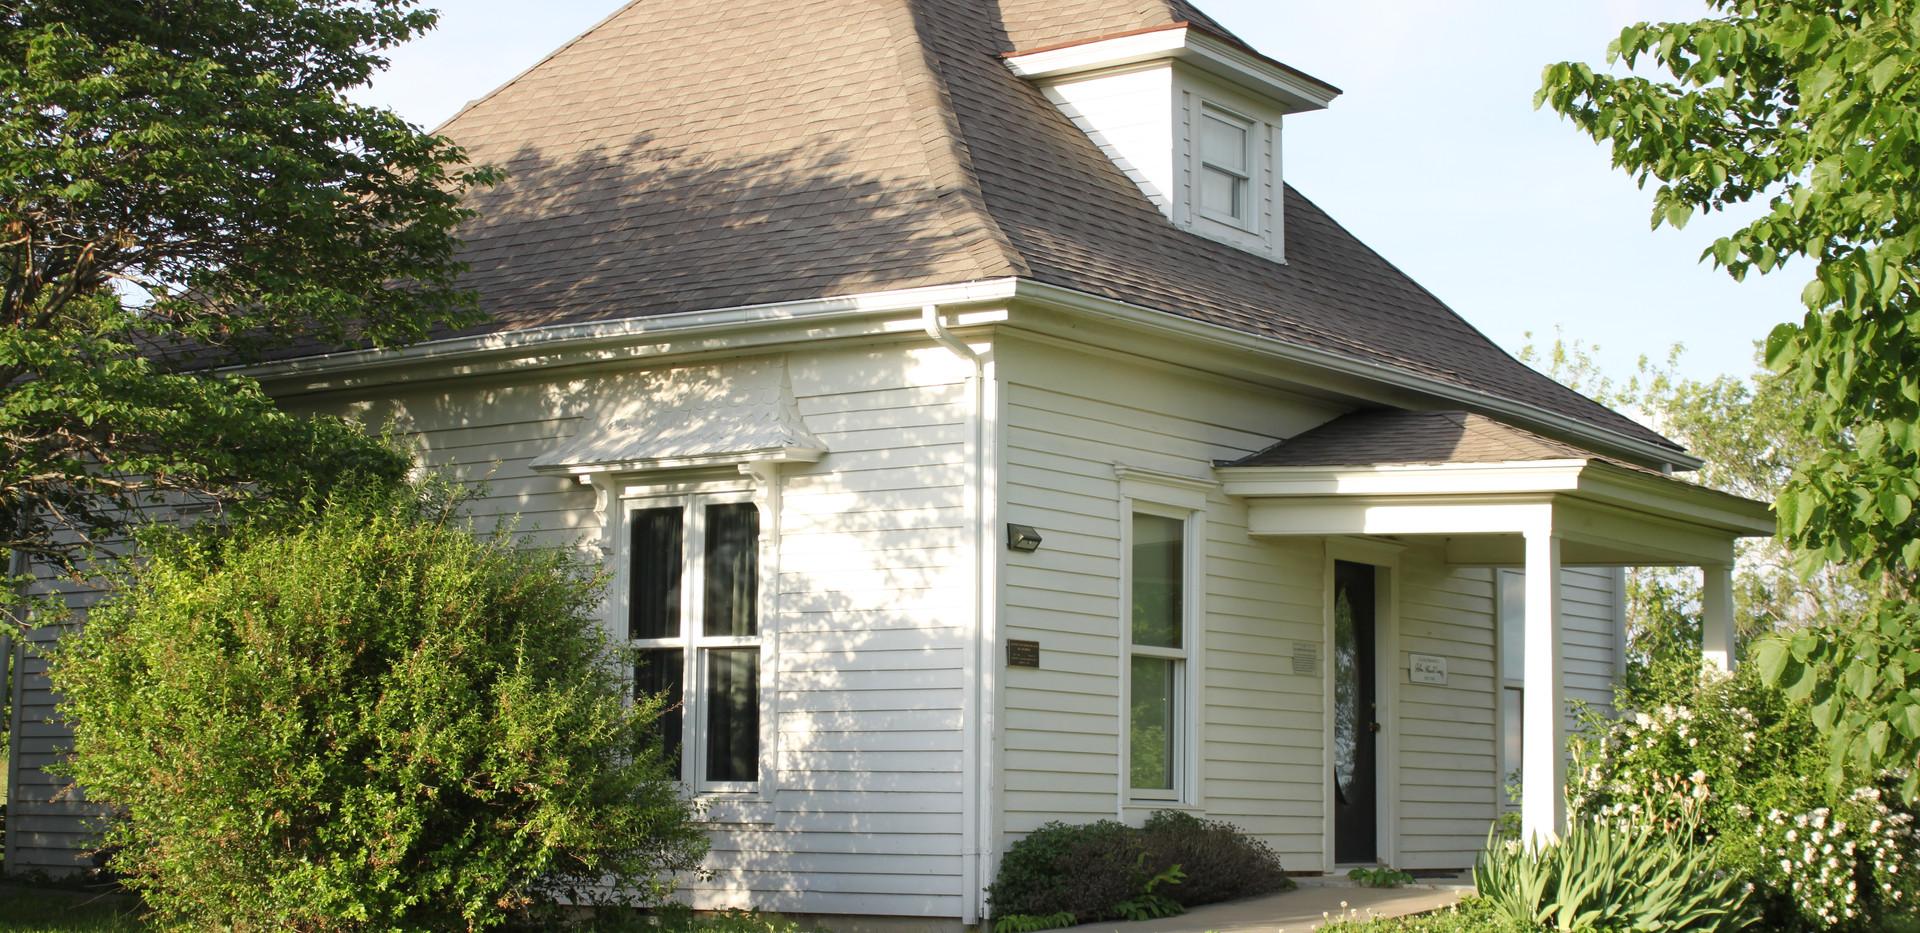 John Steuart Curry Home